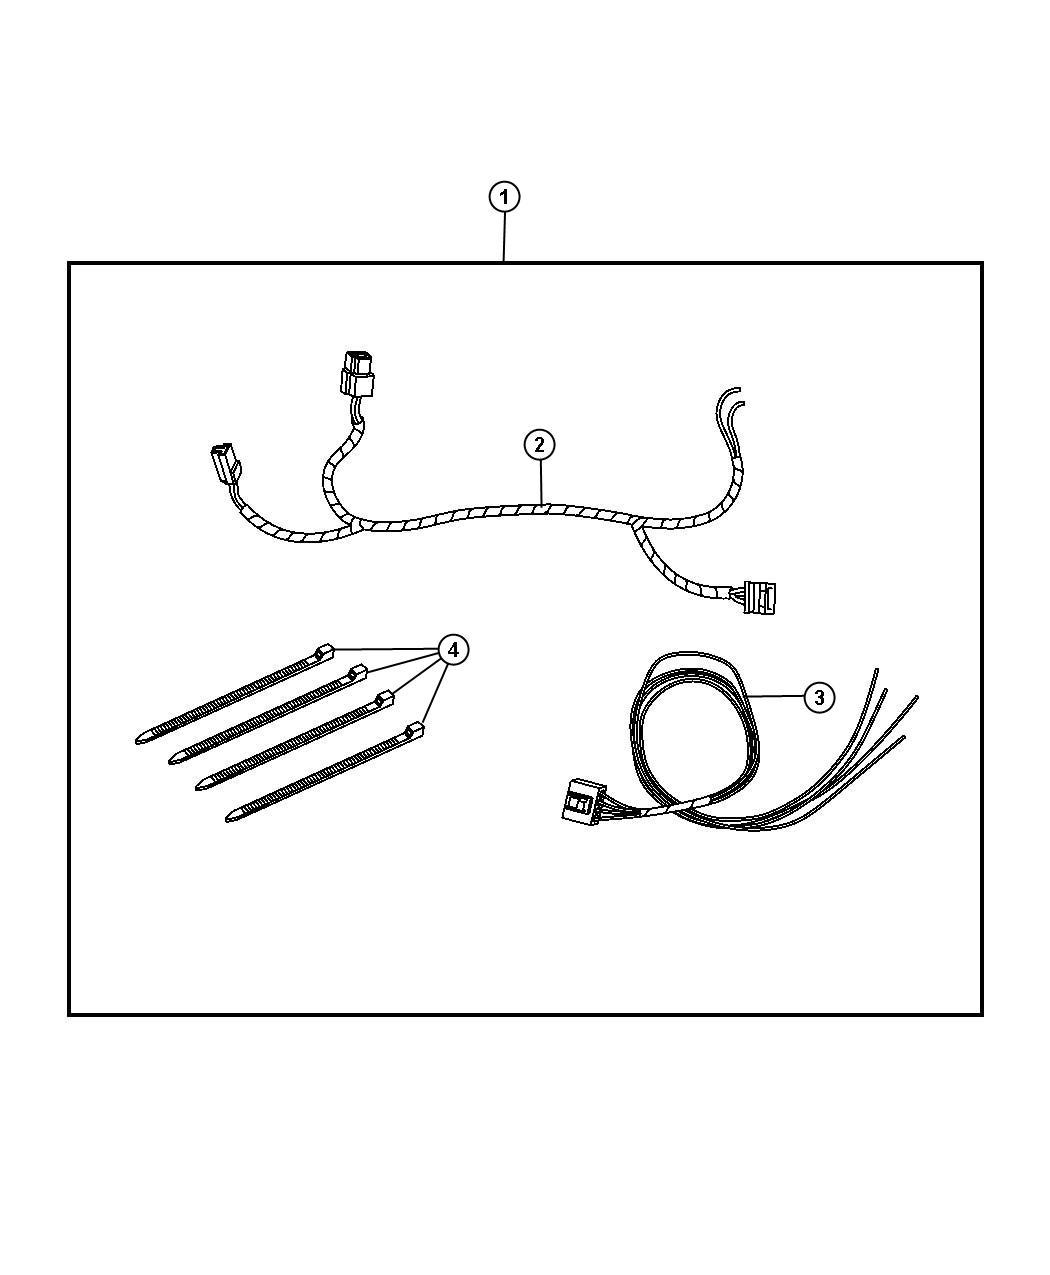 Chrysler Wiring Adapter Designed For Ease Of